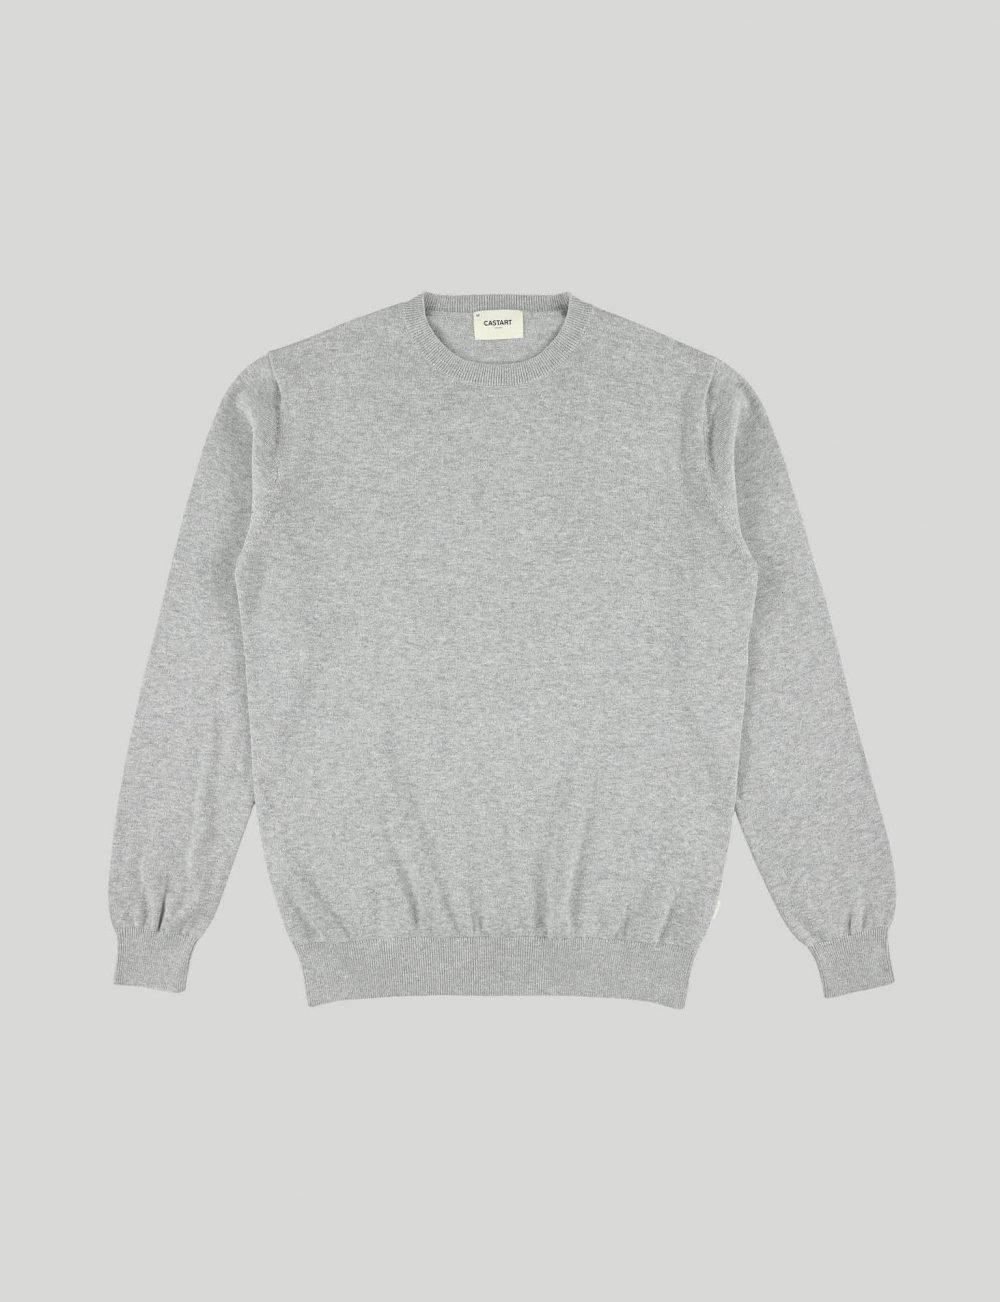 Castart - Shrubs knitwear - Mid Grey